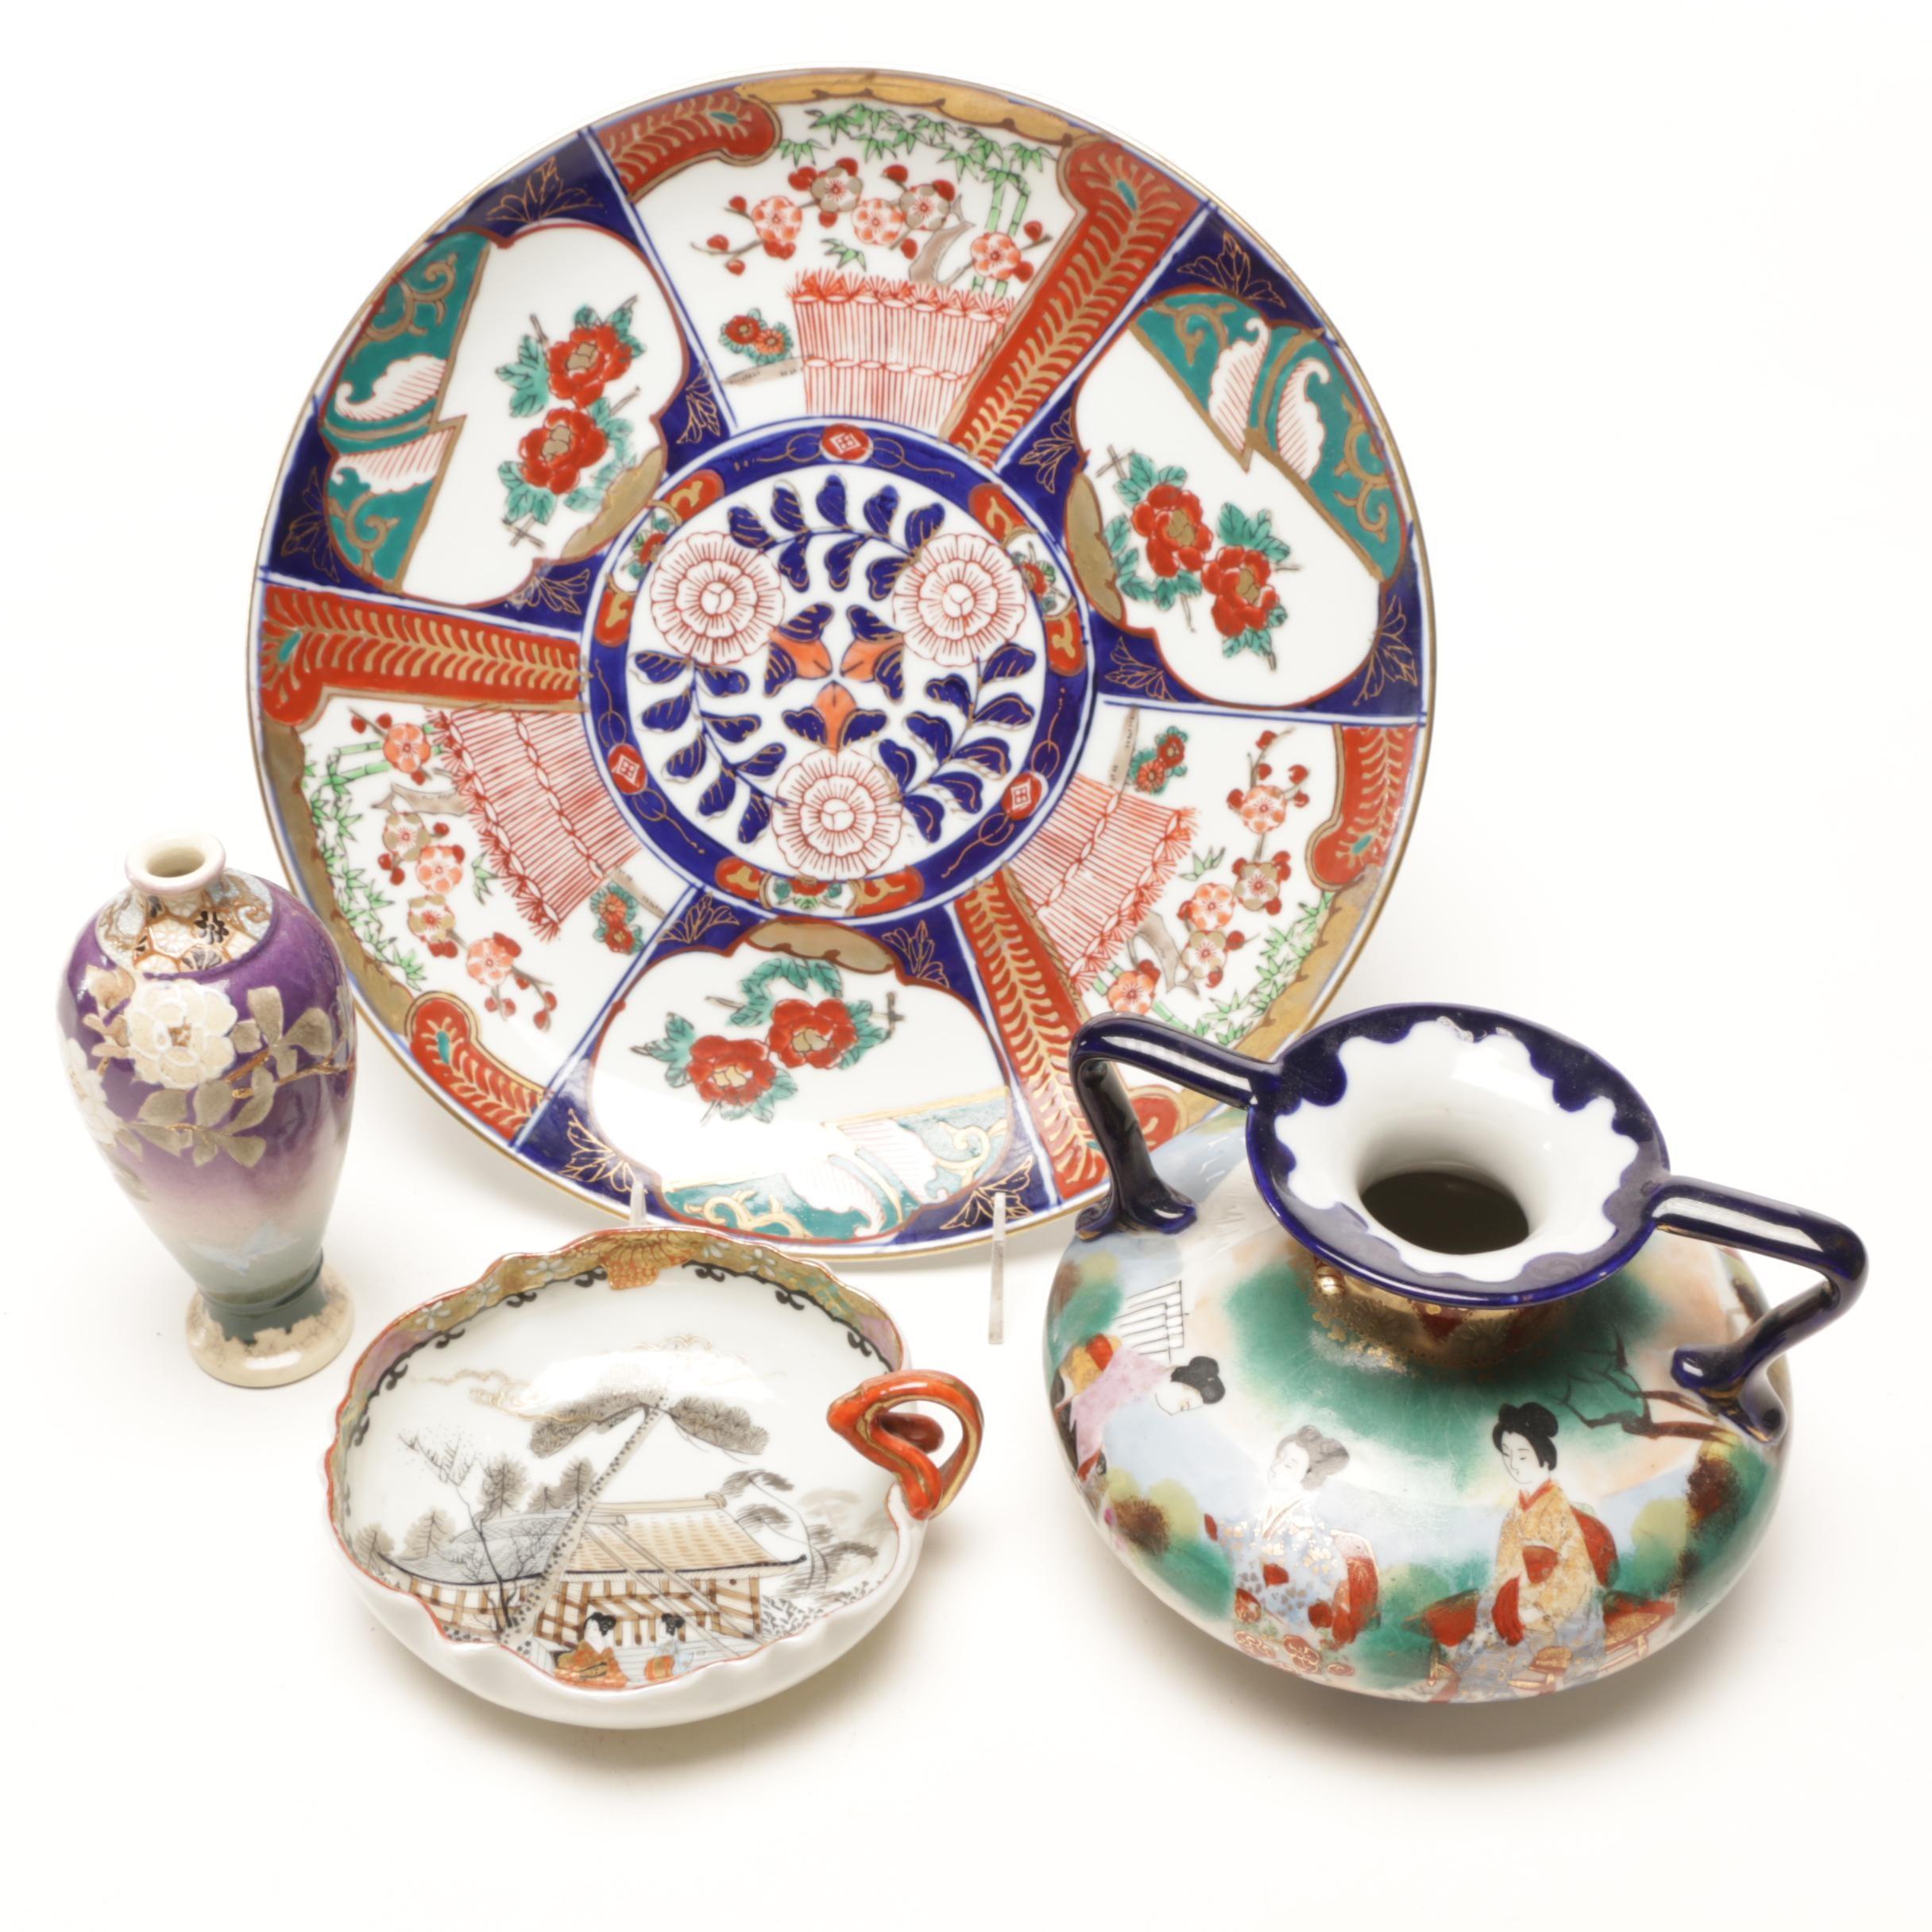 Japanese Porcelain Including Imari Serving Plate